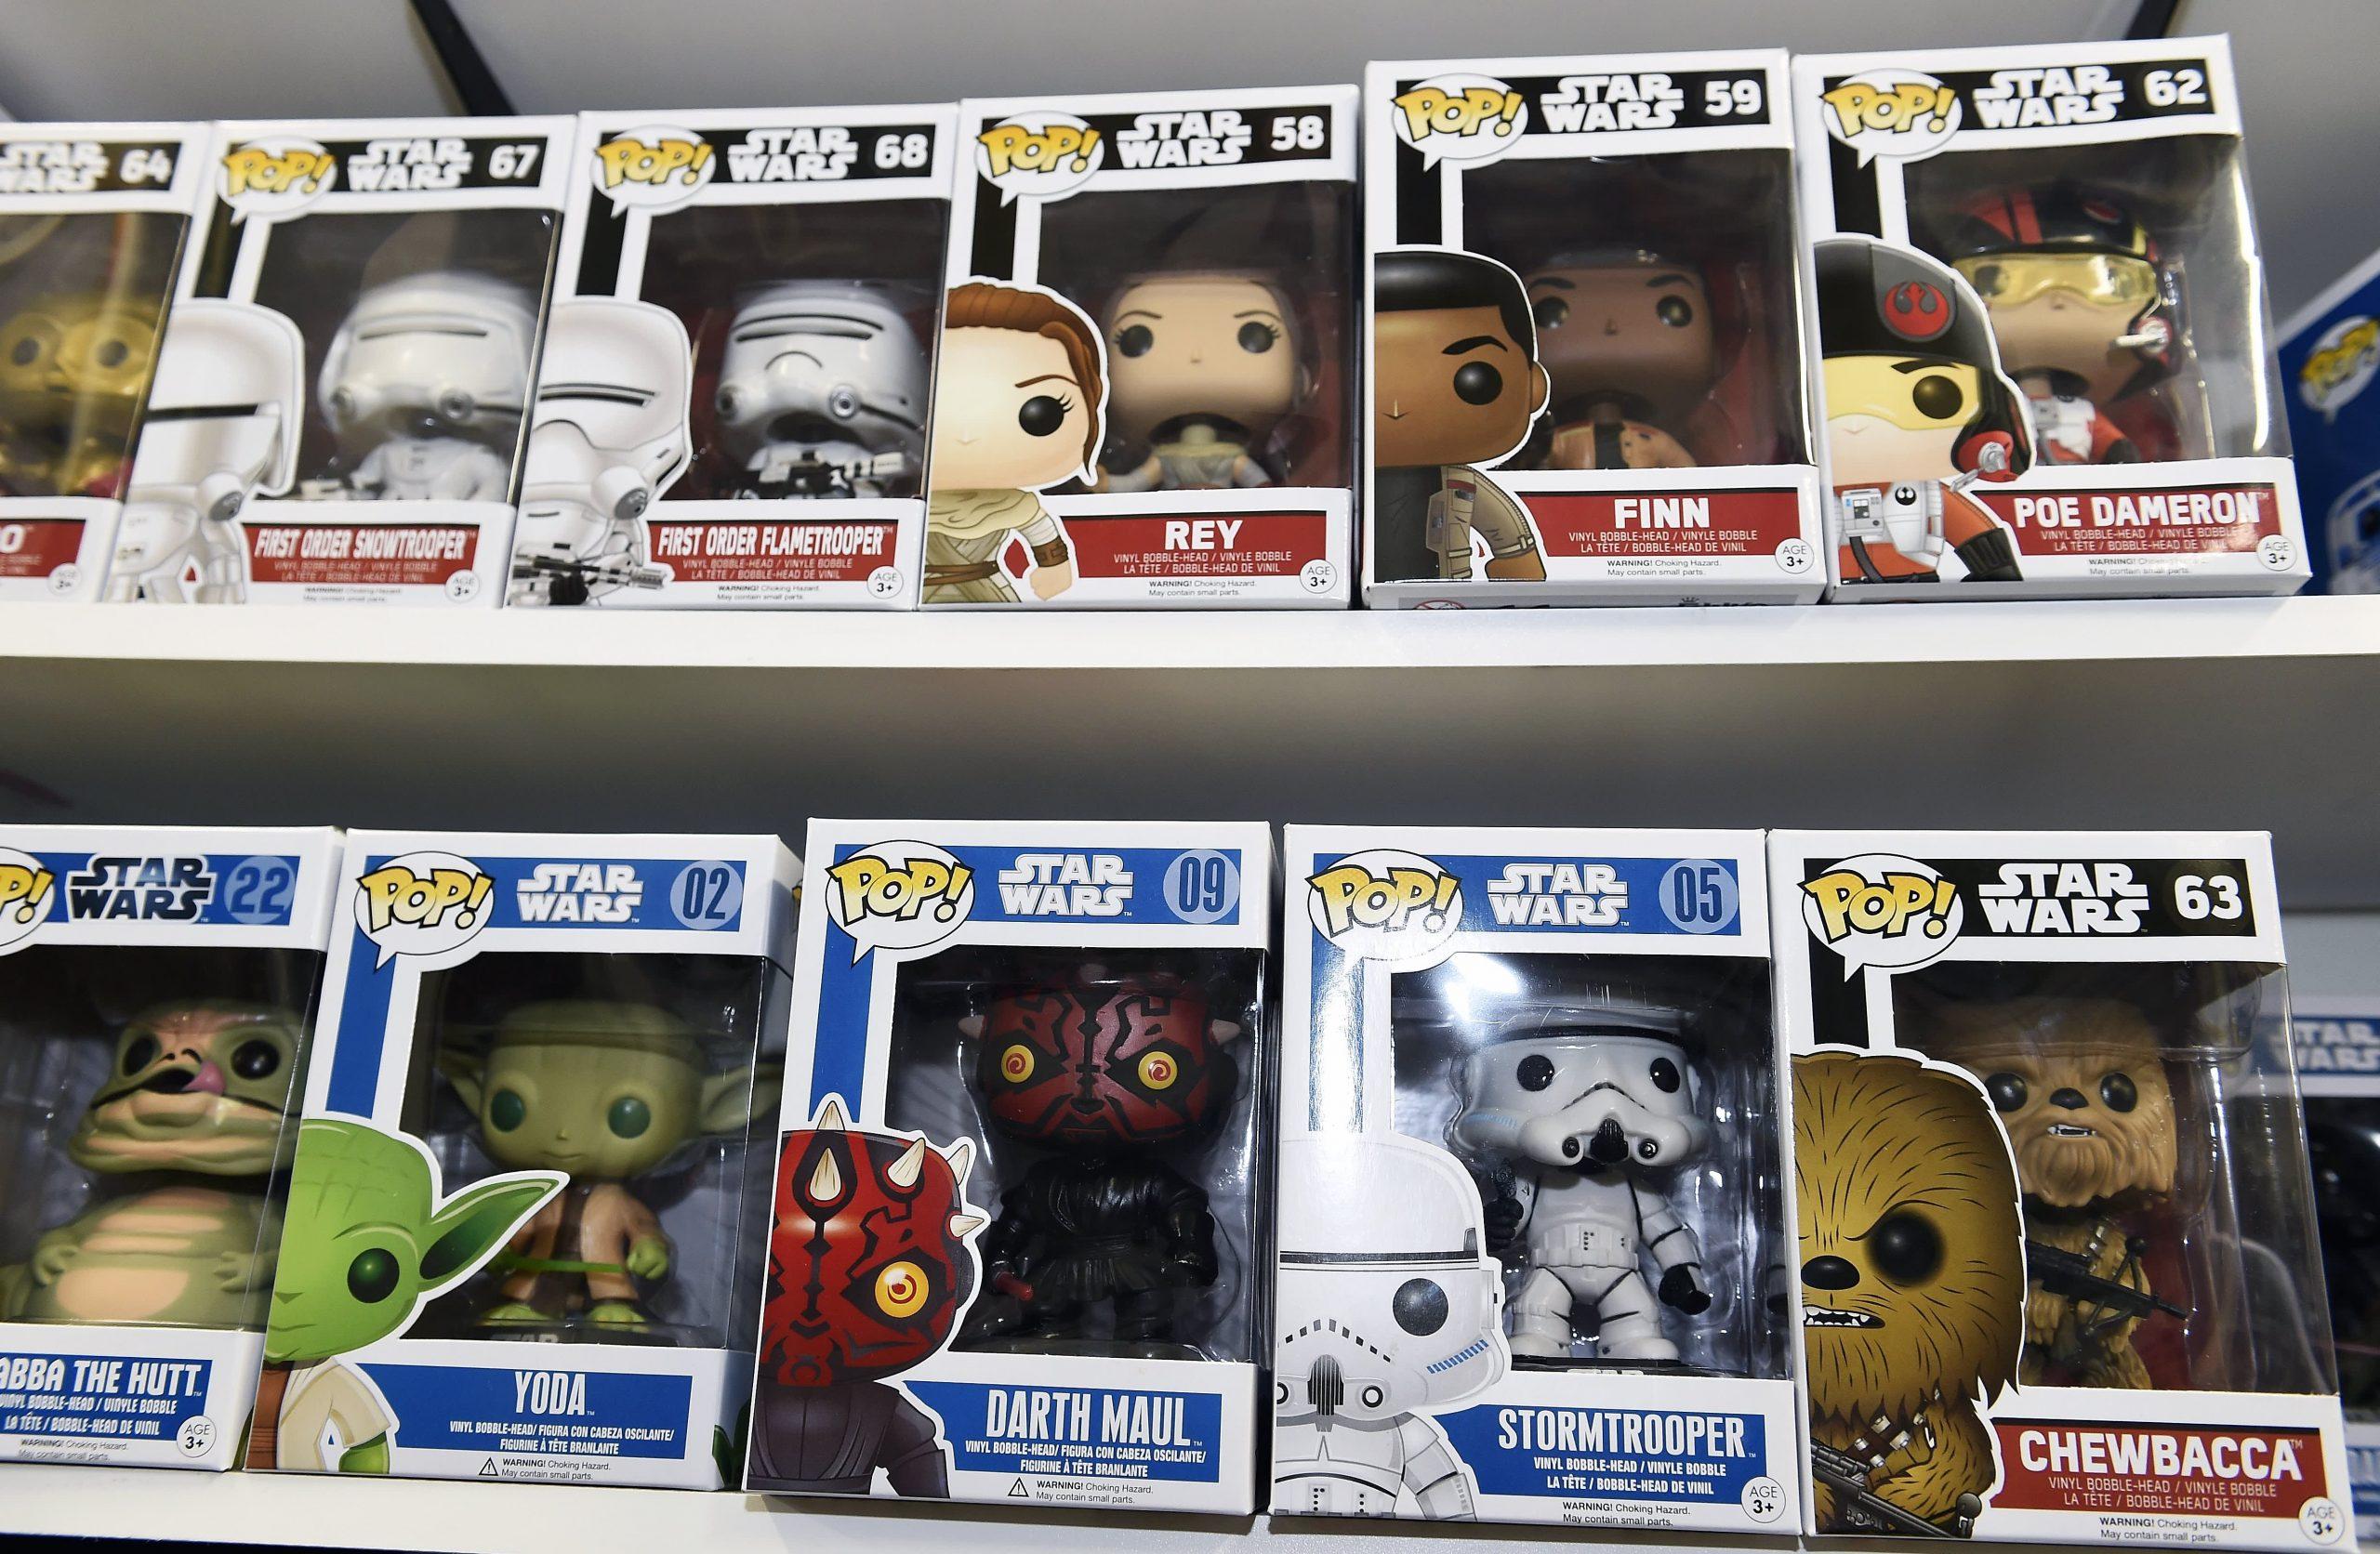 funko-shares-soar-after-toymaker-strikes-deal-to-enter-nft-market